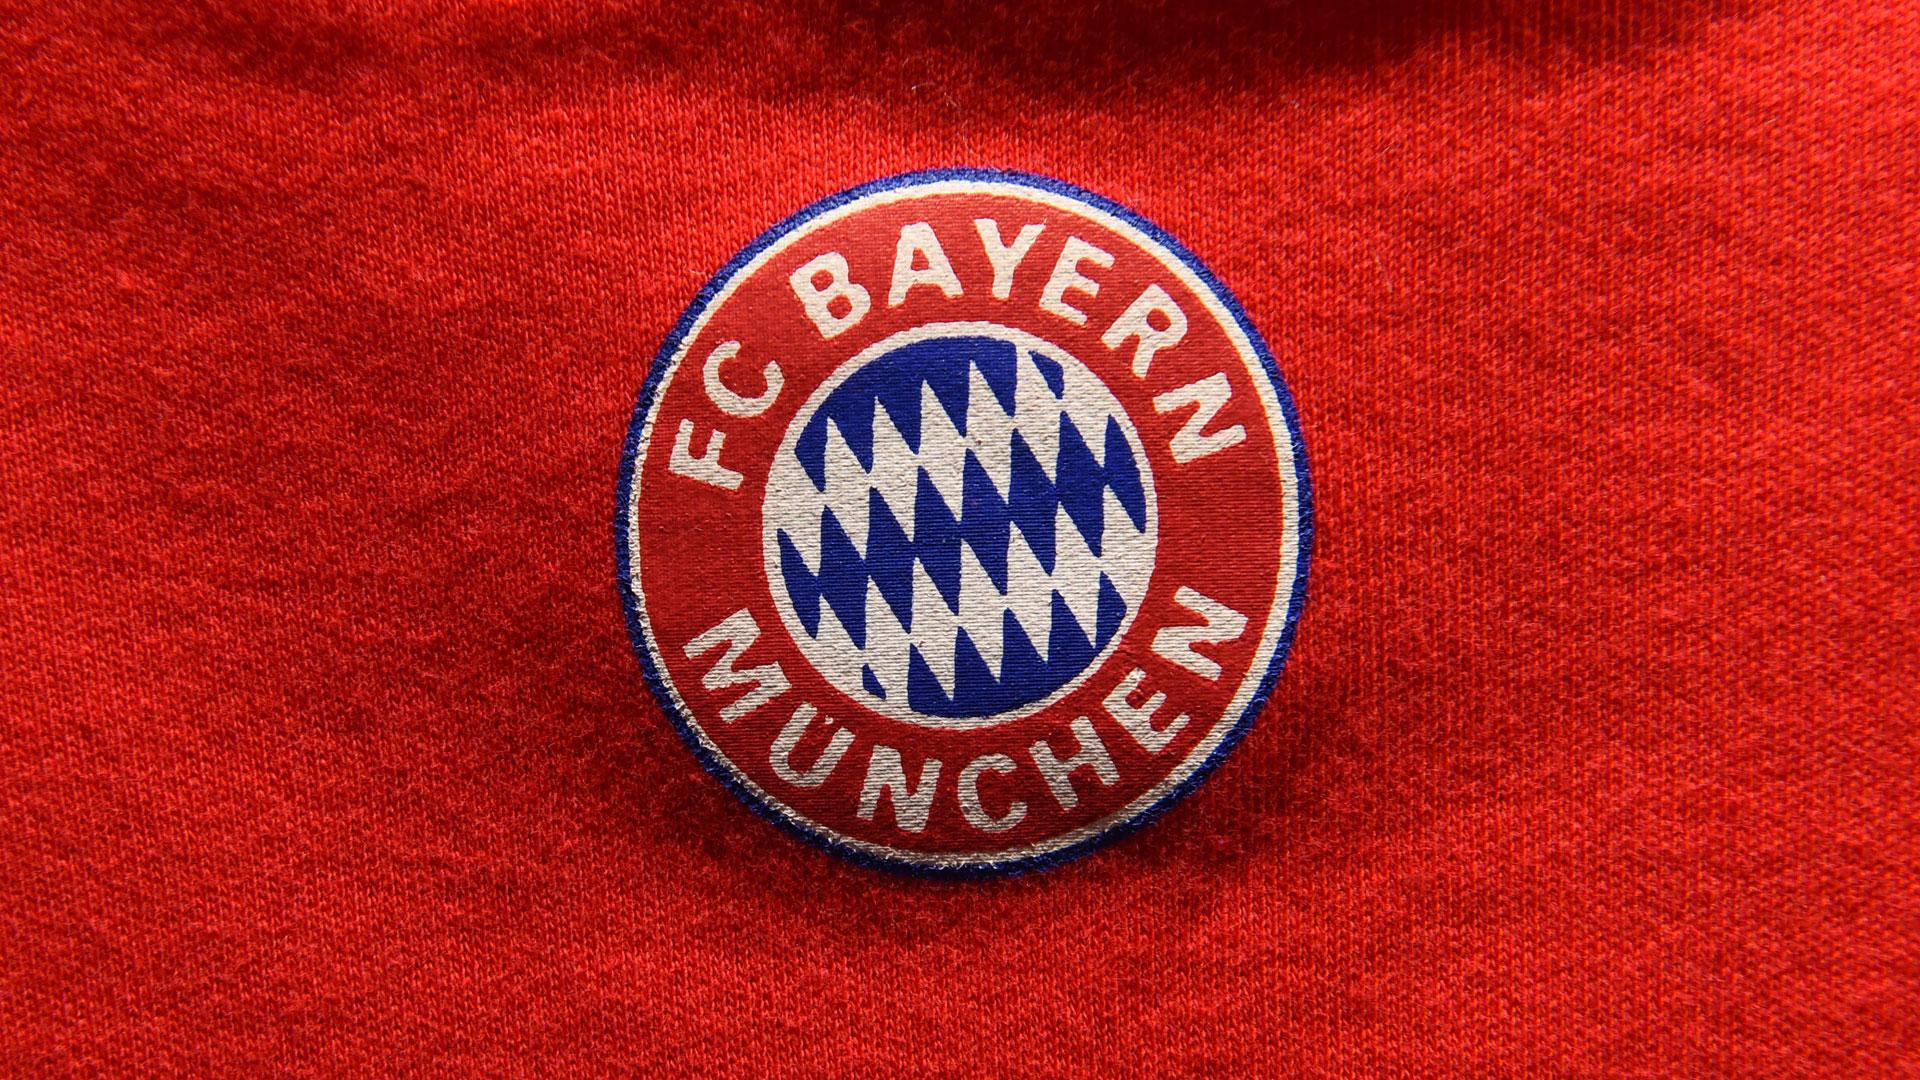 Ist doch Logo! Facelift für das Bayern-Wappen